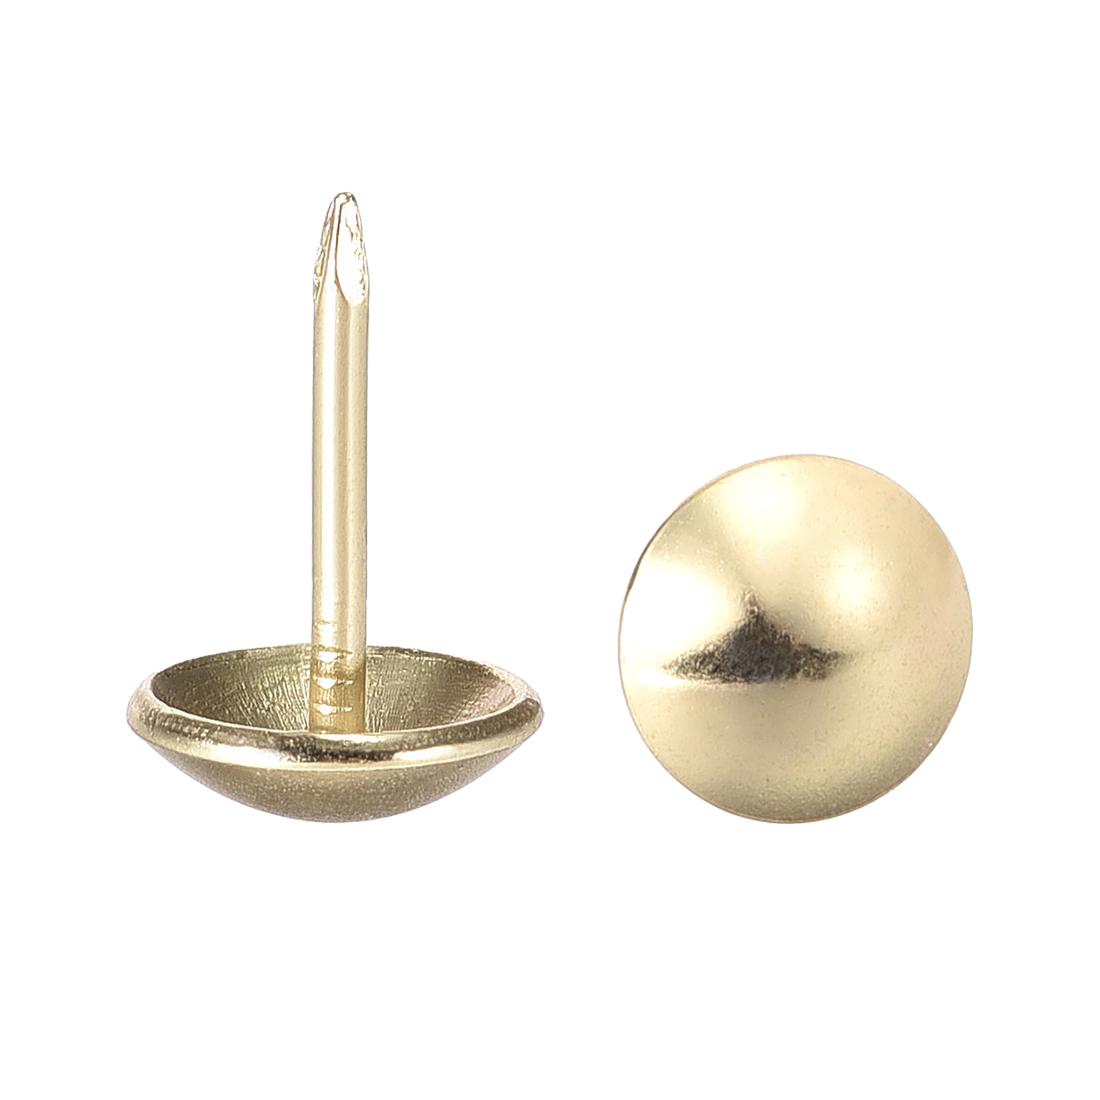 Upholstery Nails Tacks 11mm Dia 17mm Height Round Thumb Pins Gold Tone 100 Pcs